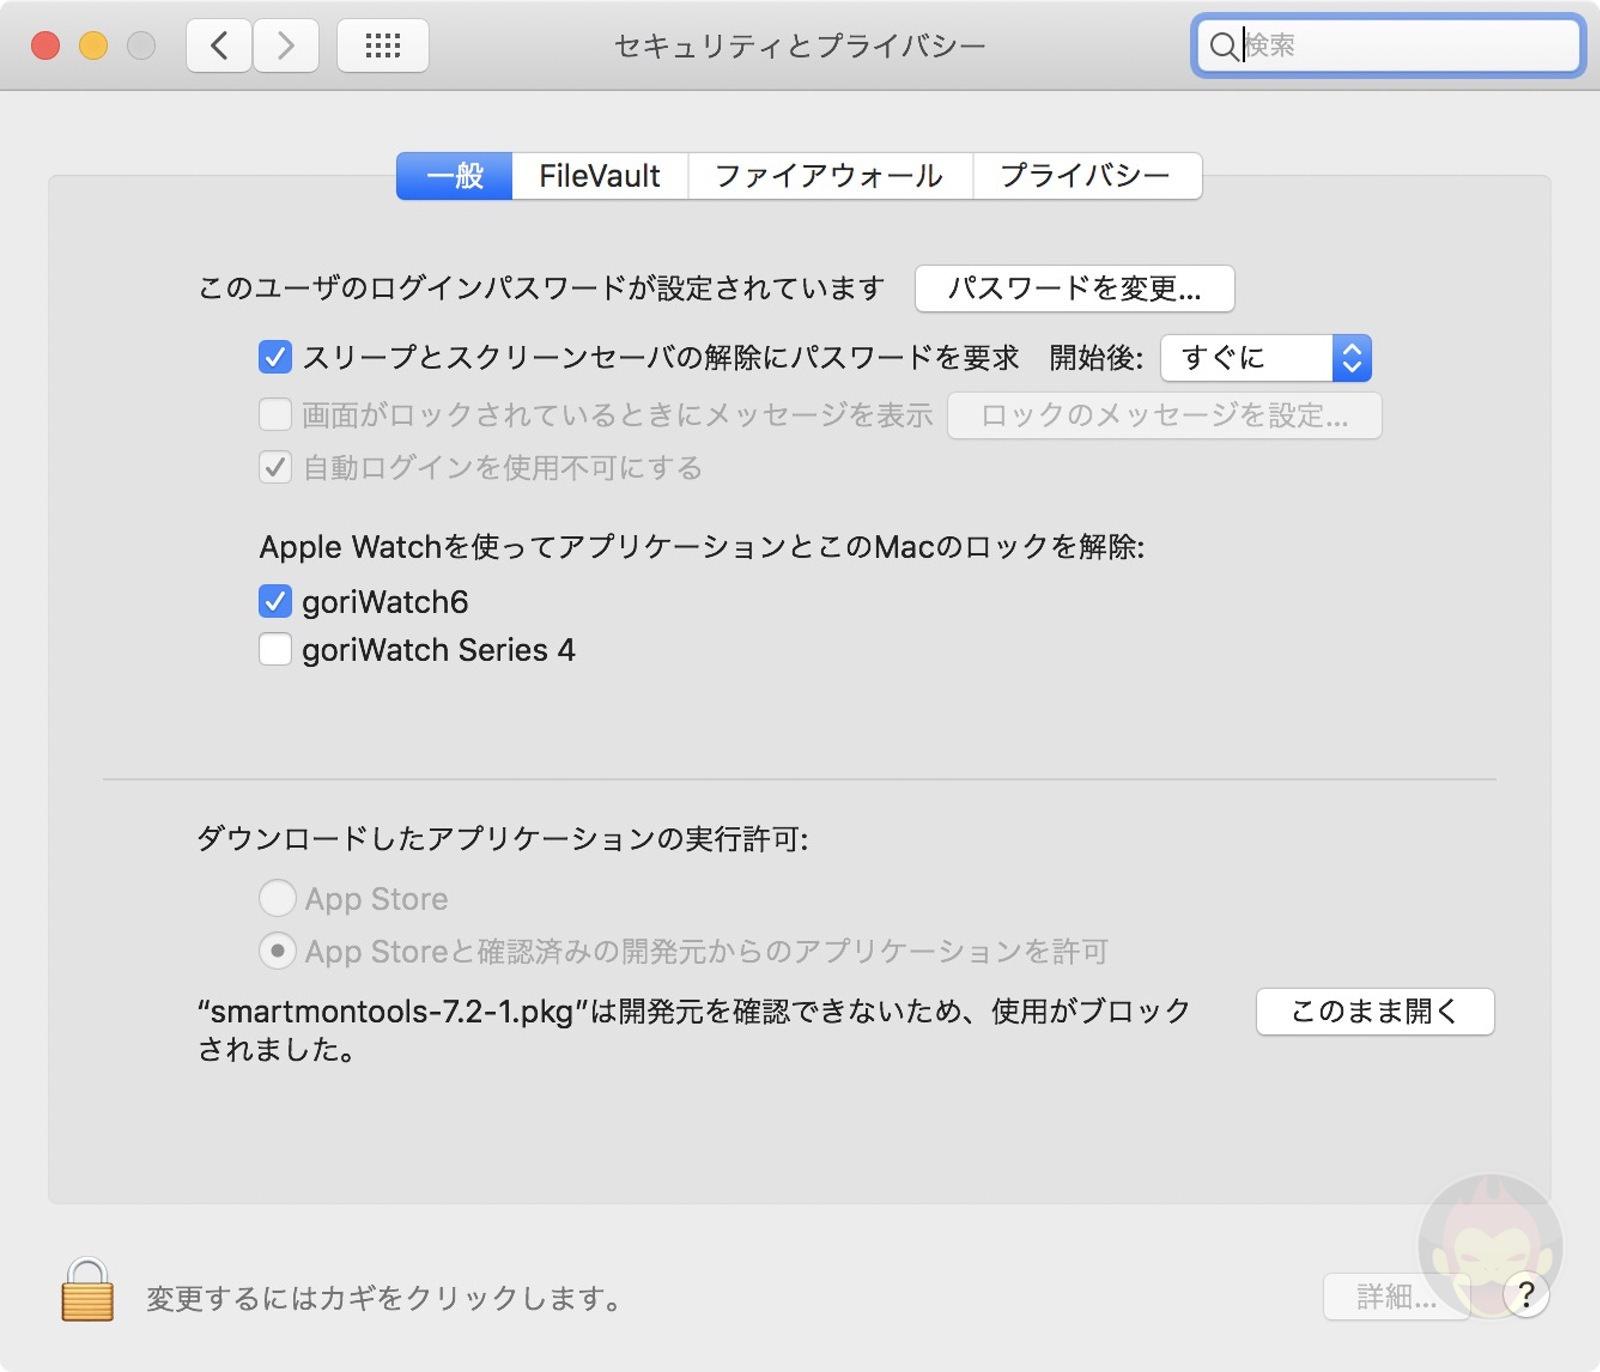 SMART SSD information for 16mbp2019 01